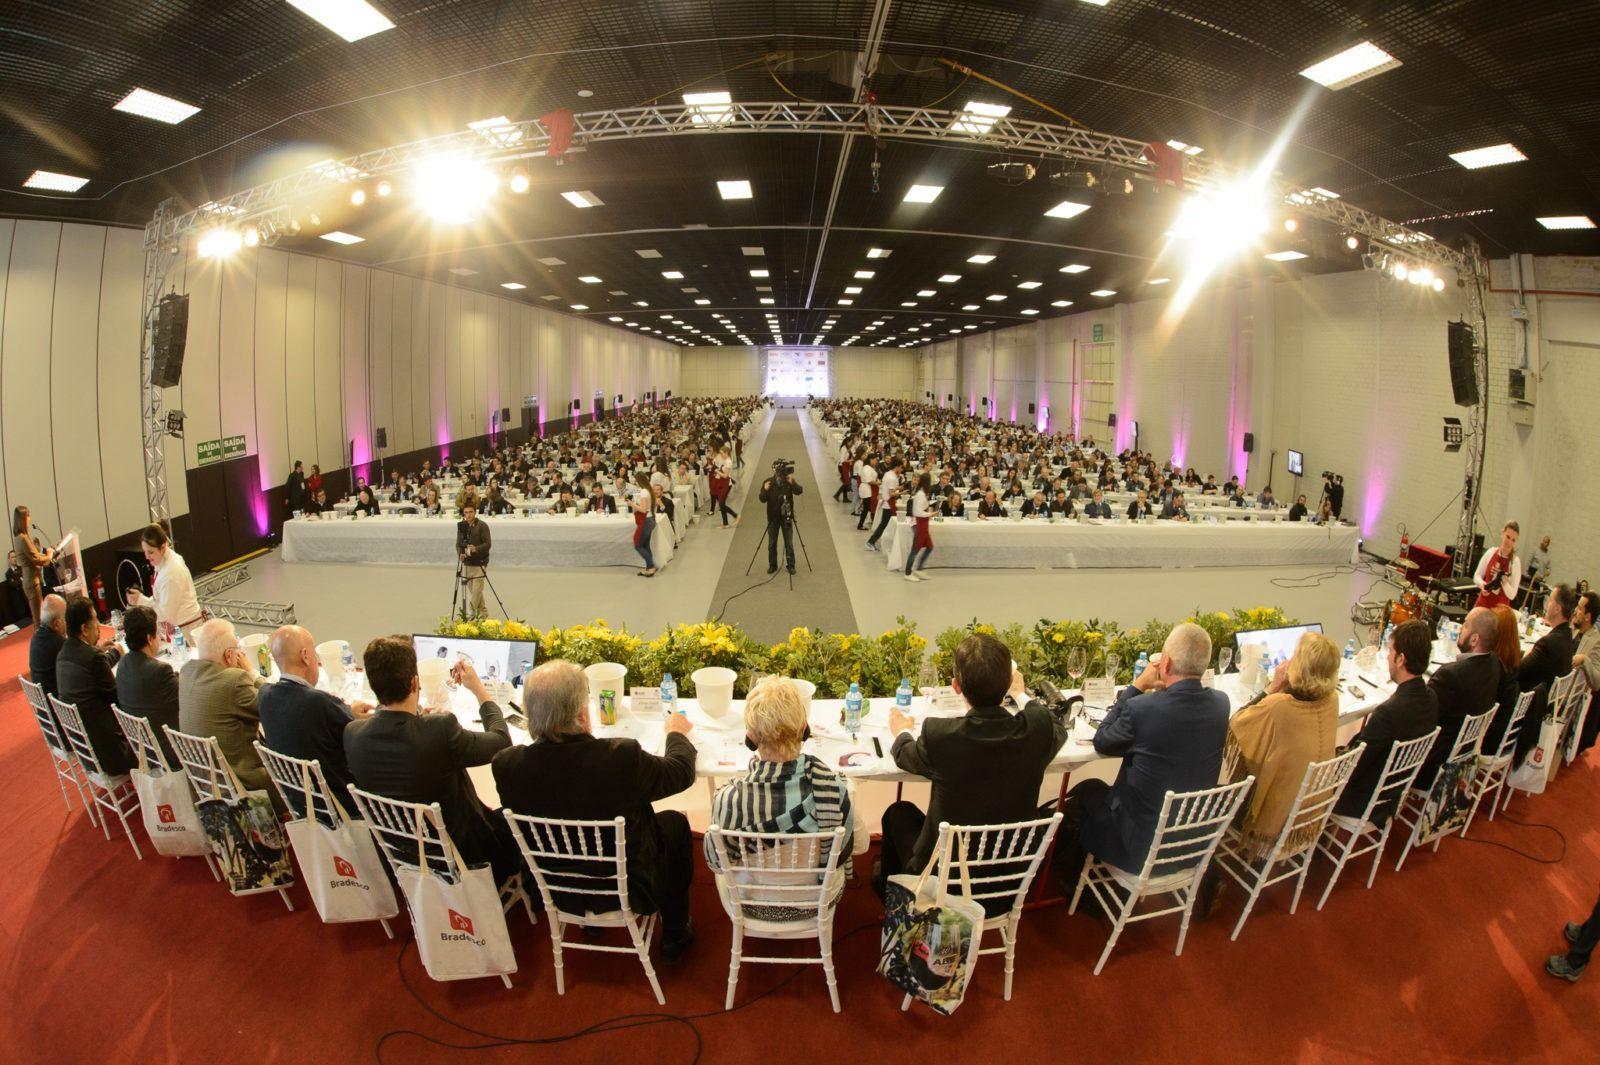 Cresce o número de amostras inscritas na Avaliação Nacional de Vinhos e avaliação nacional de vinhos